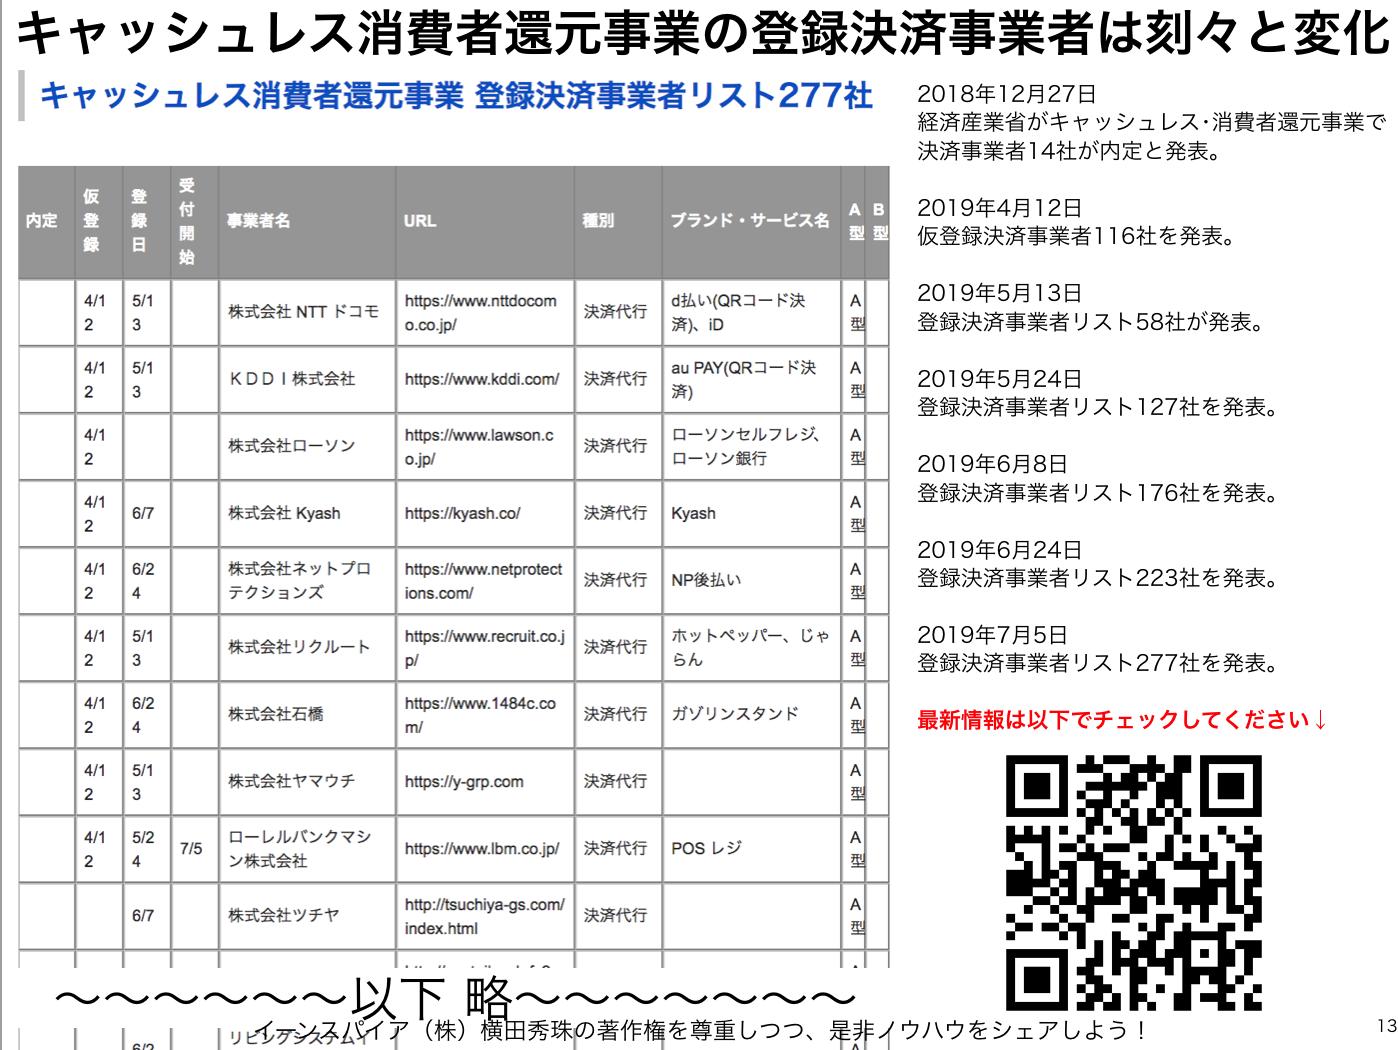 キャッシュレス・消費者還元事業 登録決済事業者リスト223社